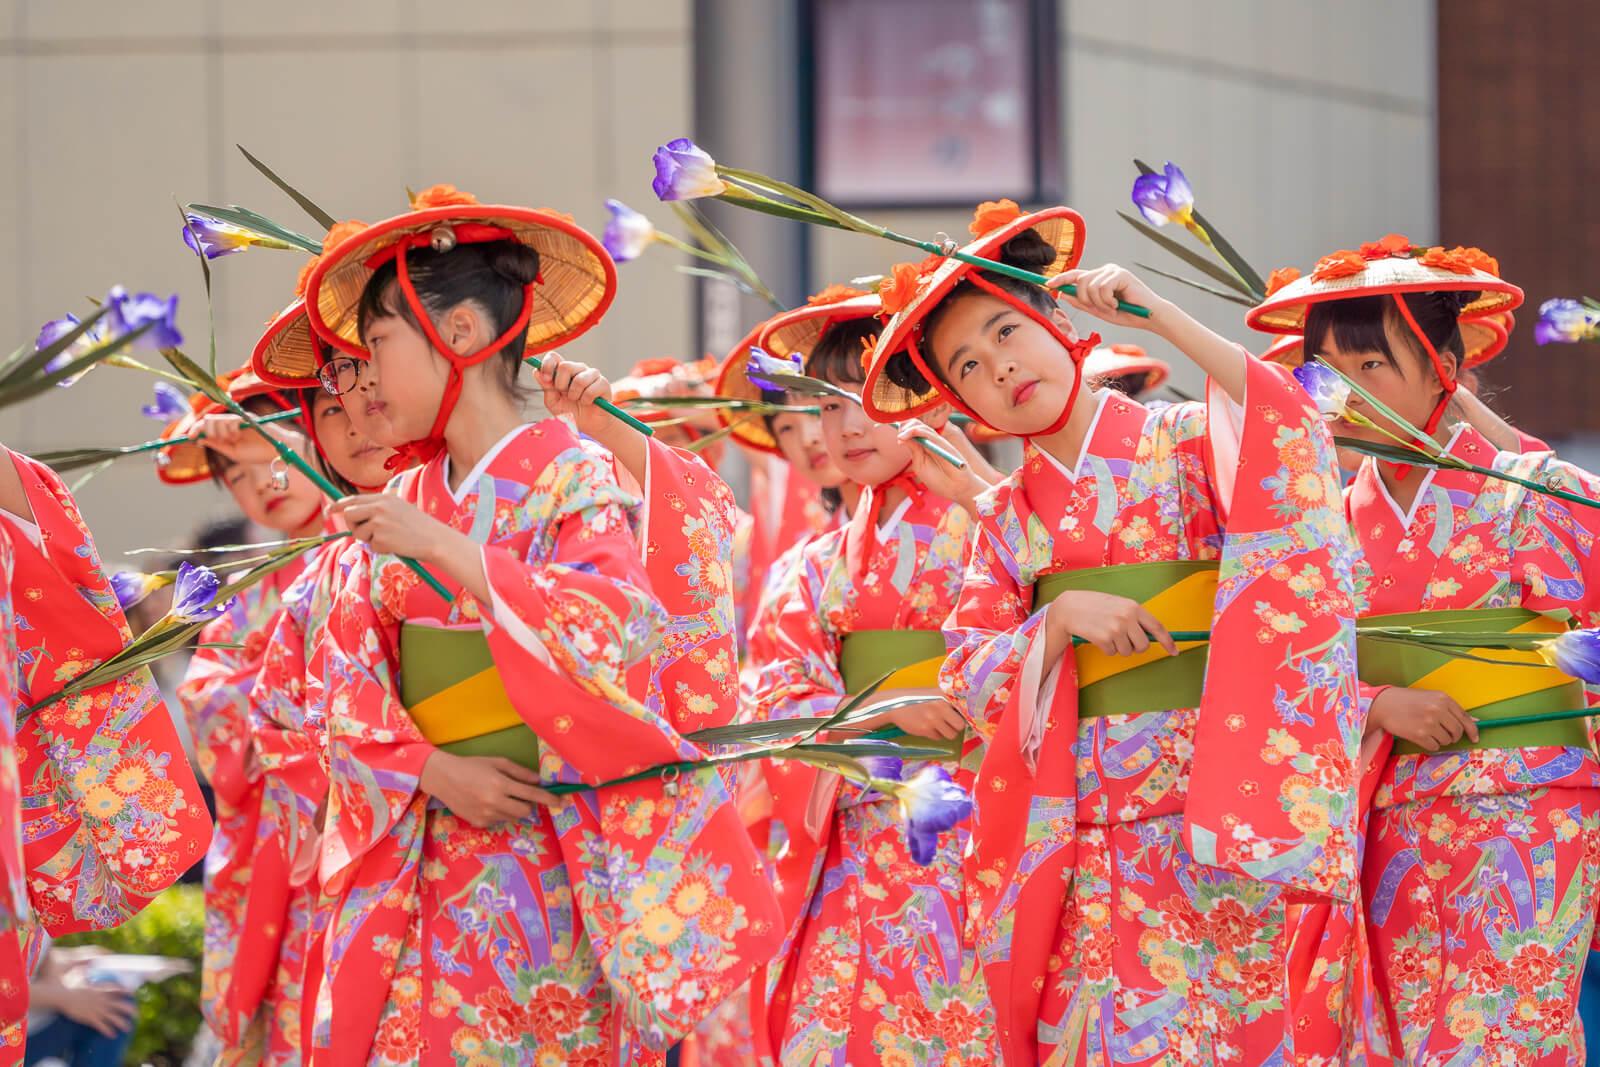 金沢百万石祭り2019